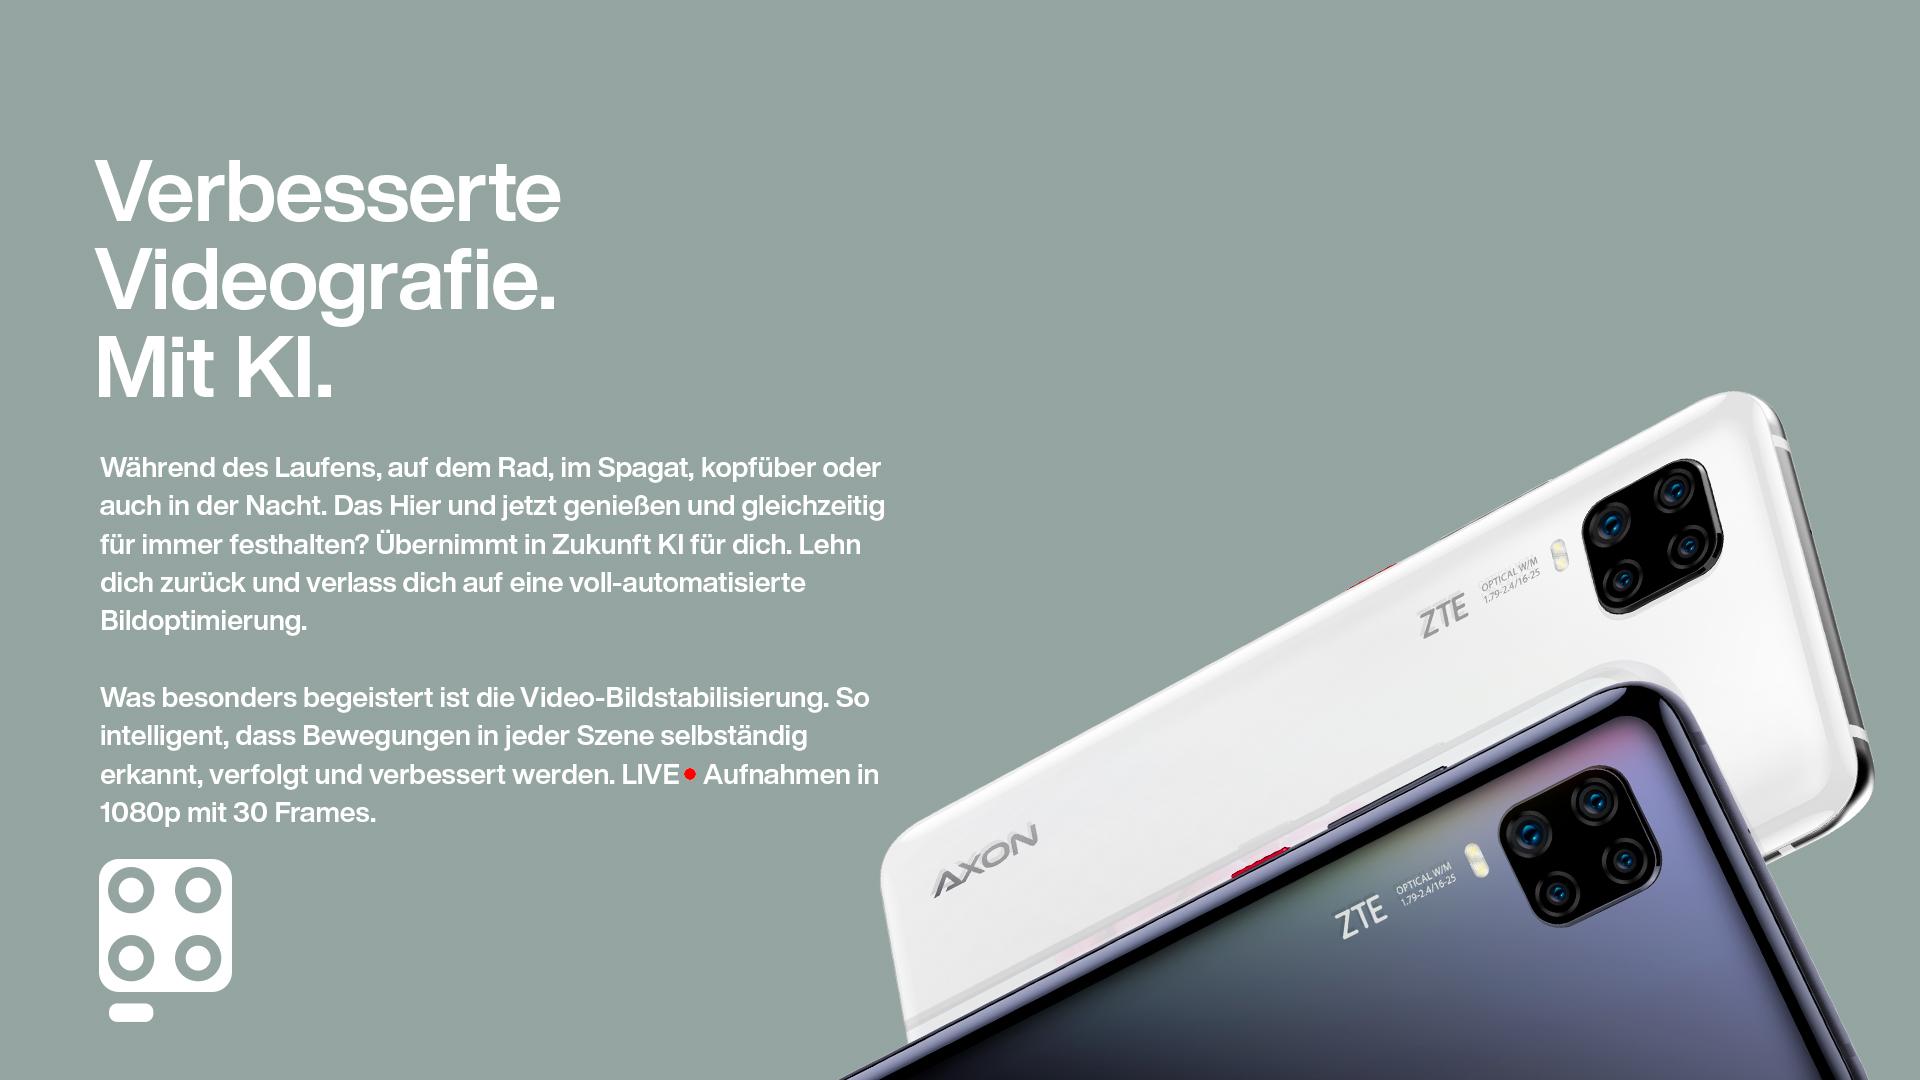 schwarzes und weißes smartphone in perspektive